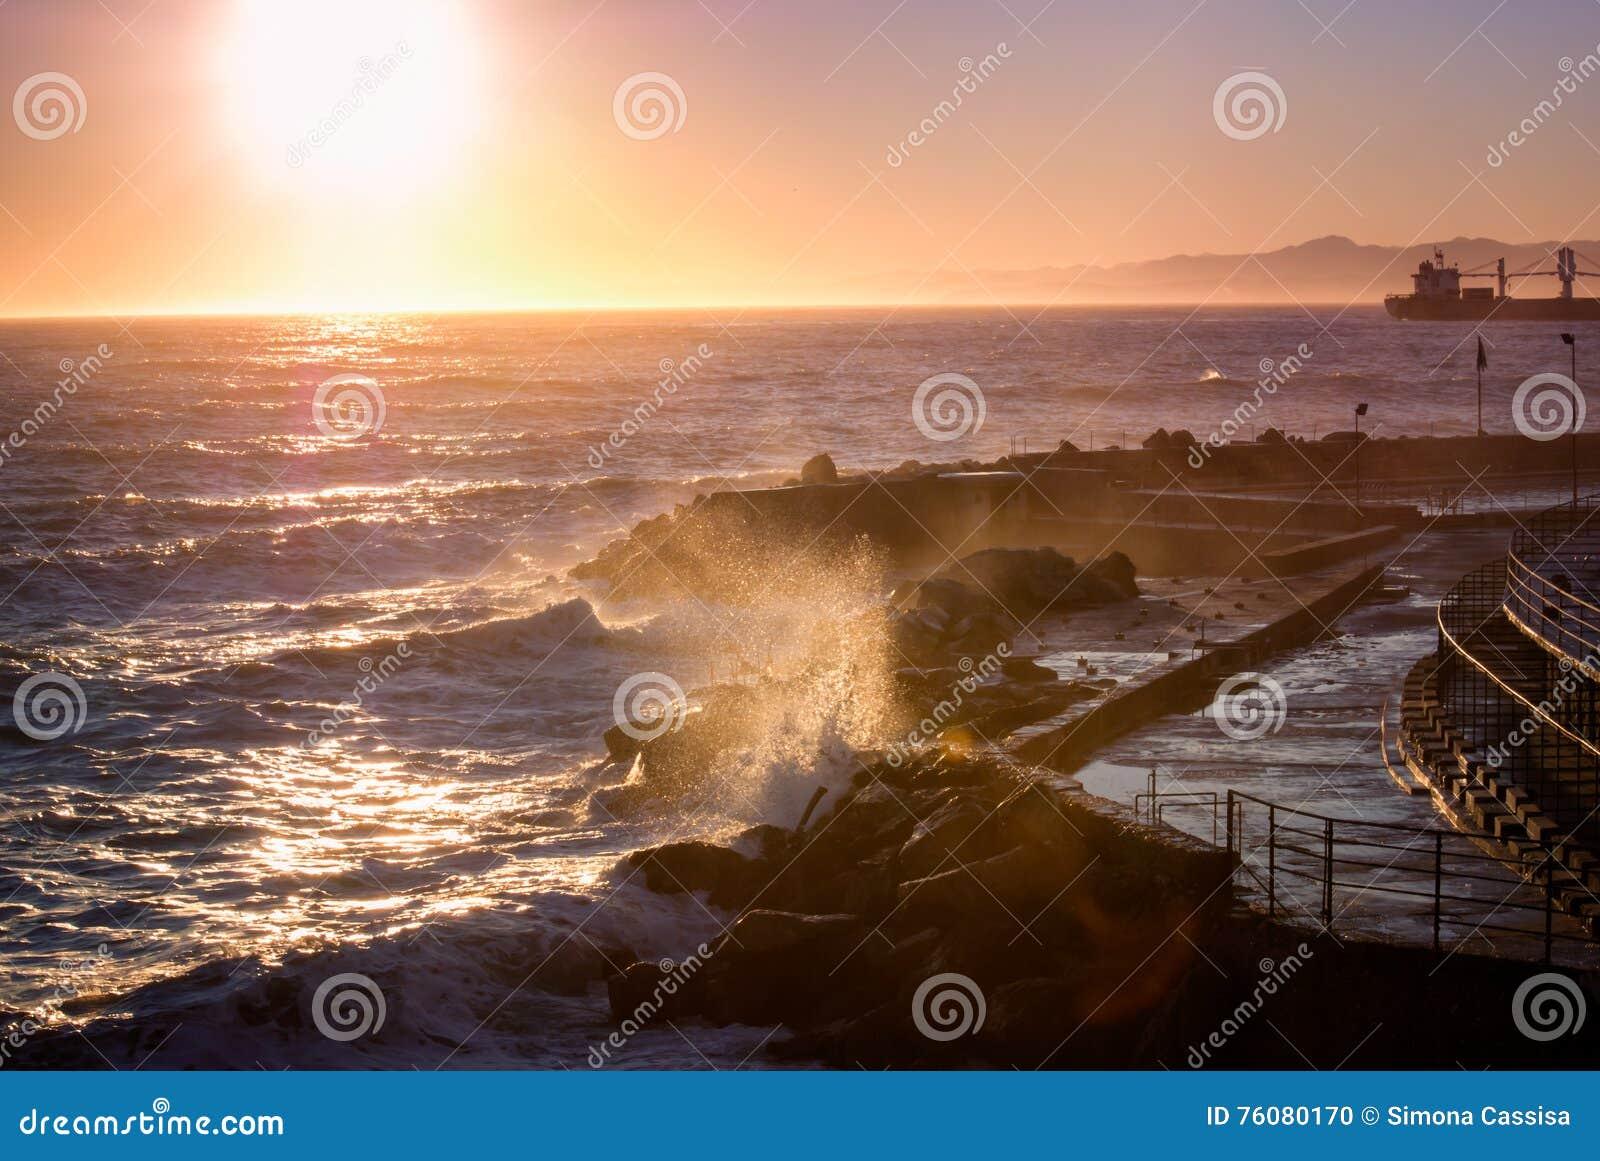 Panorama de bord de la mer au coucher du soleil